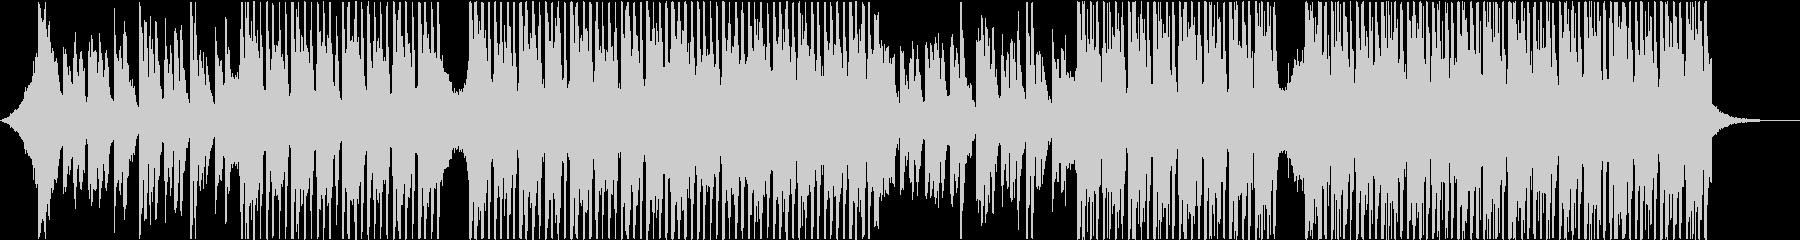 エレクトリックギターとシンセサイザーを備の未再生の波形